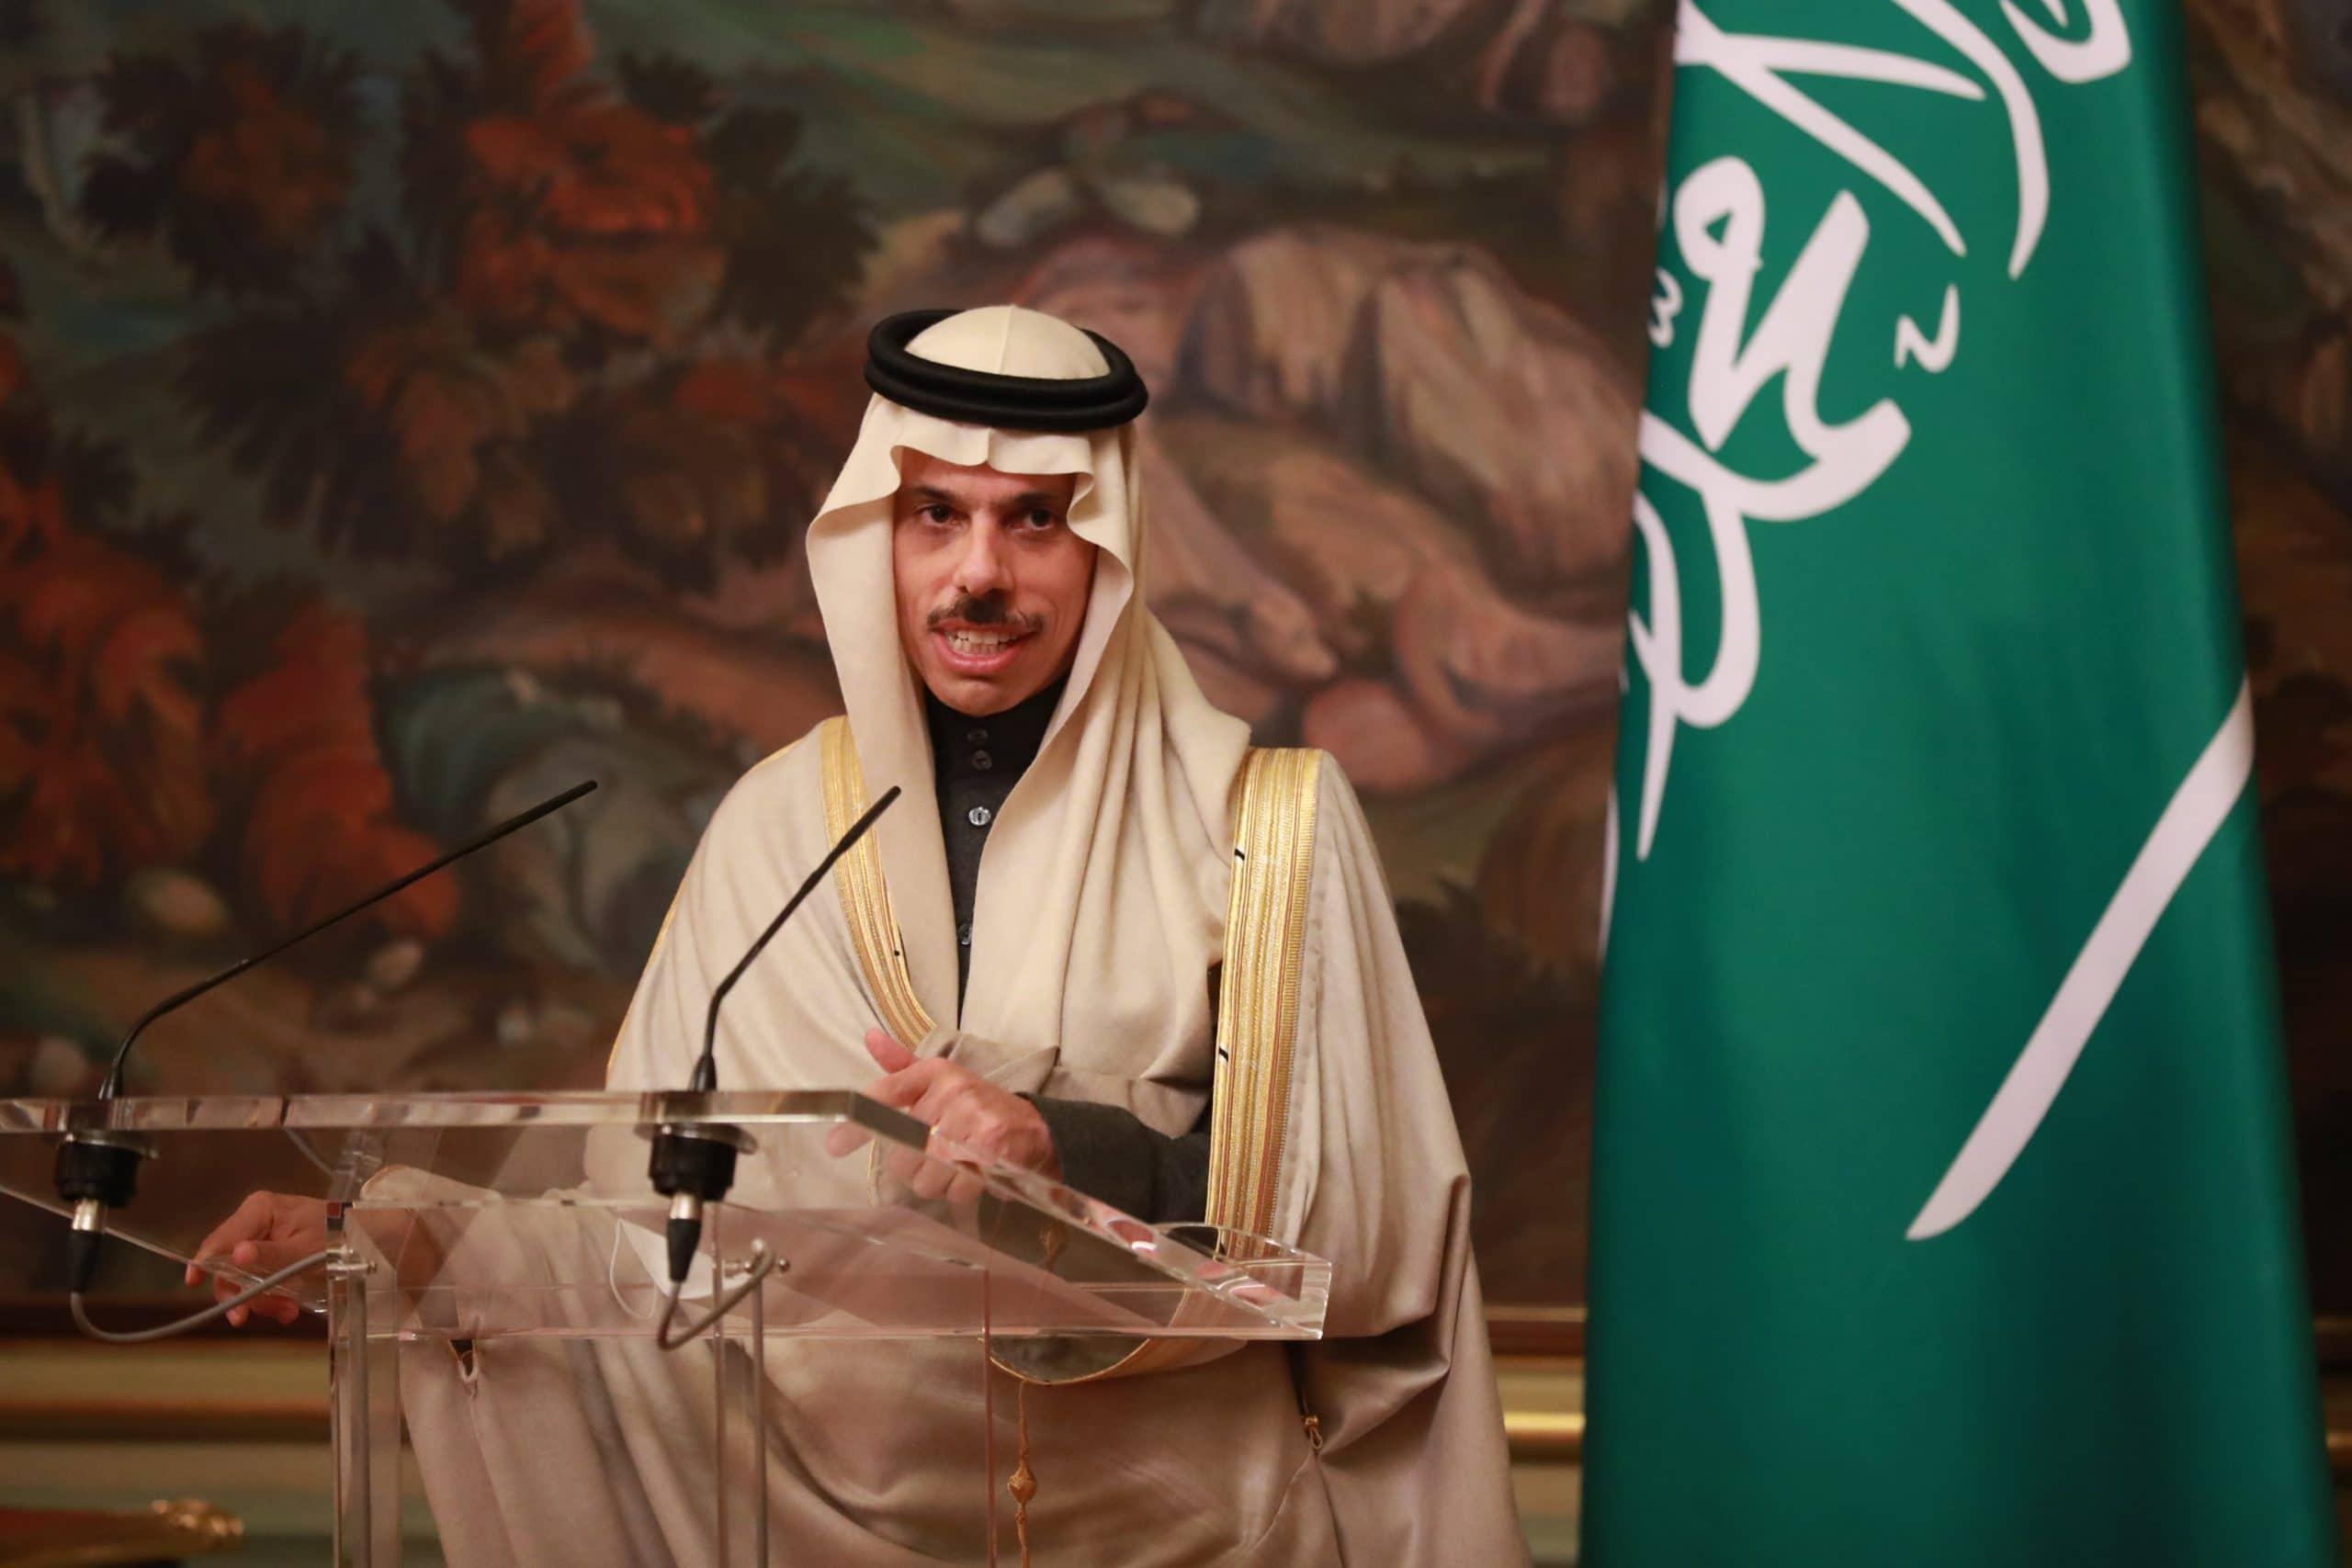 وزير خارجية السعودية يعلن موقف بلاده من الحكومة الإسرائيلية الجديدة ومستقبل السلام